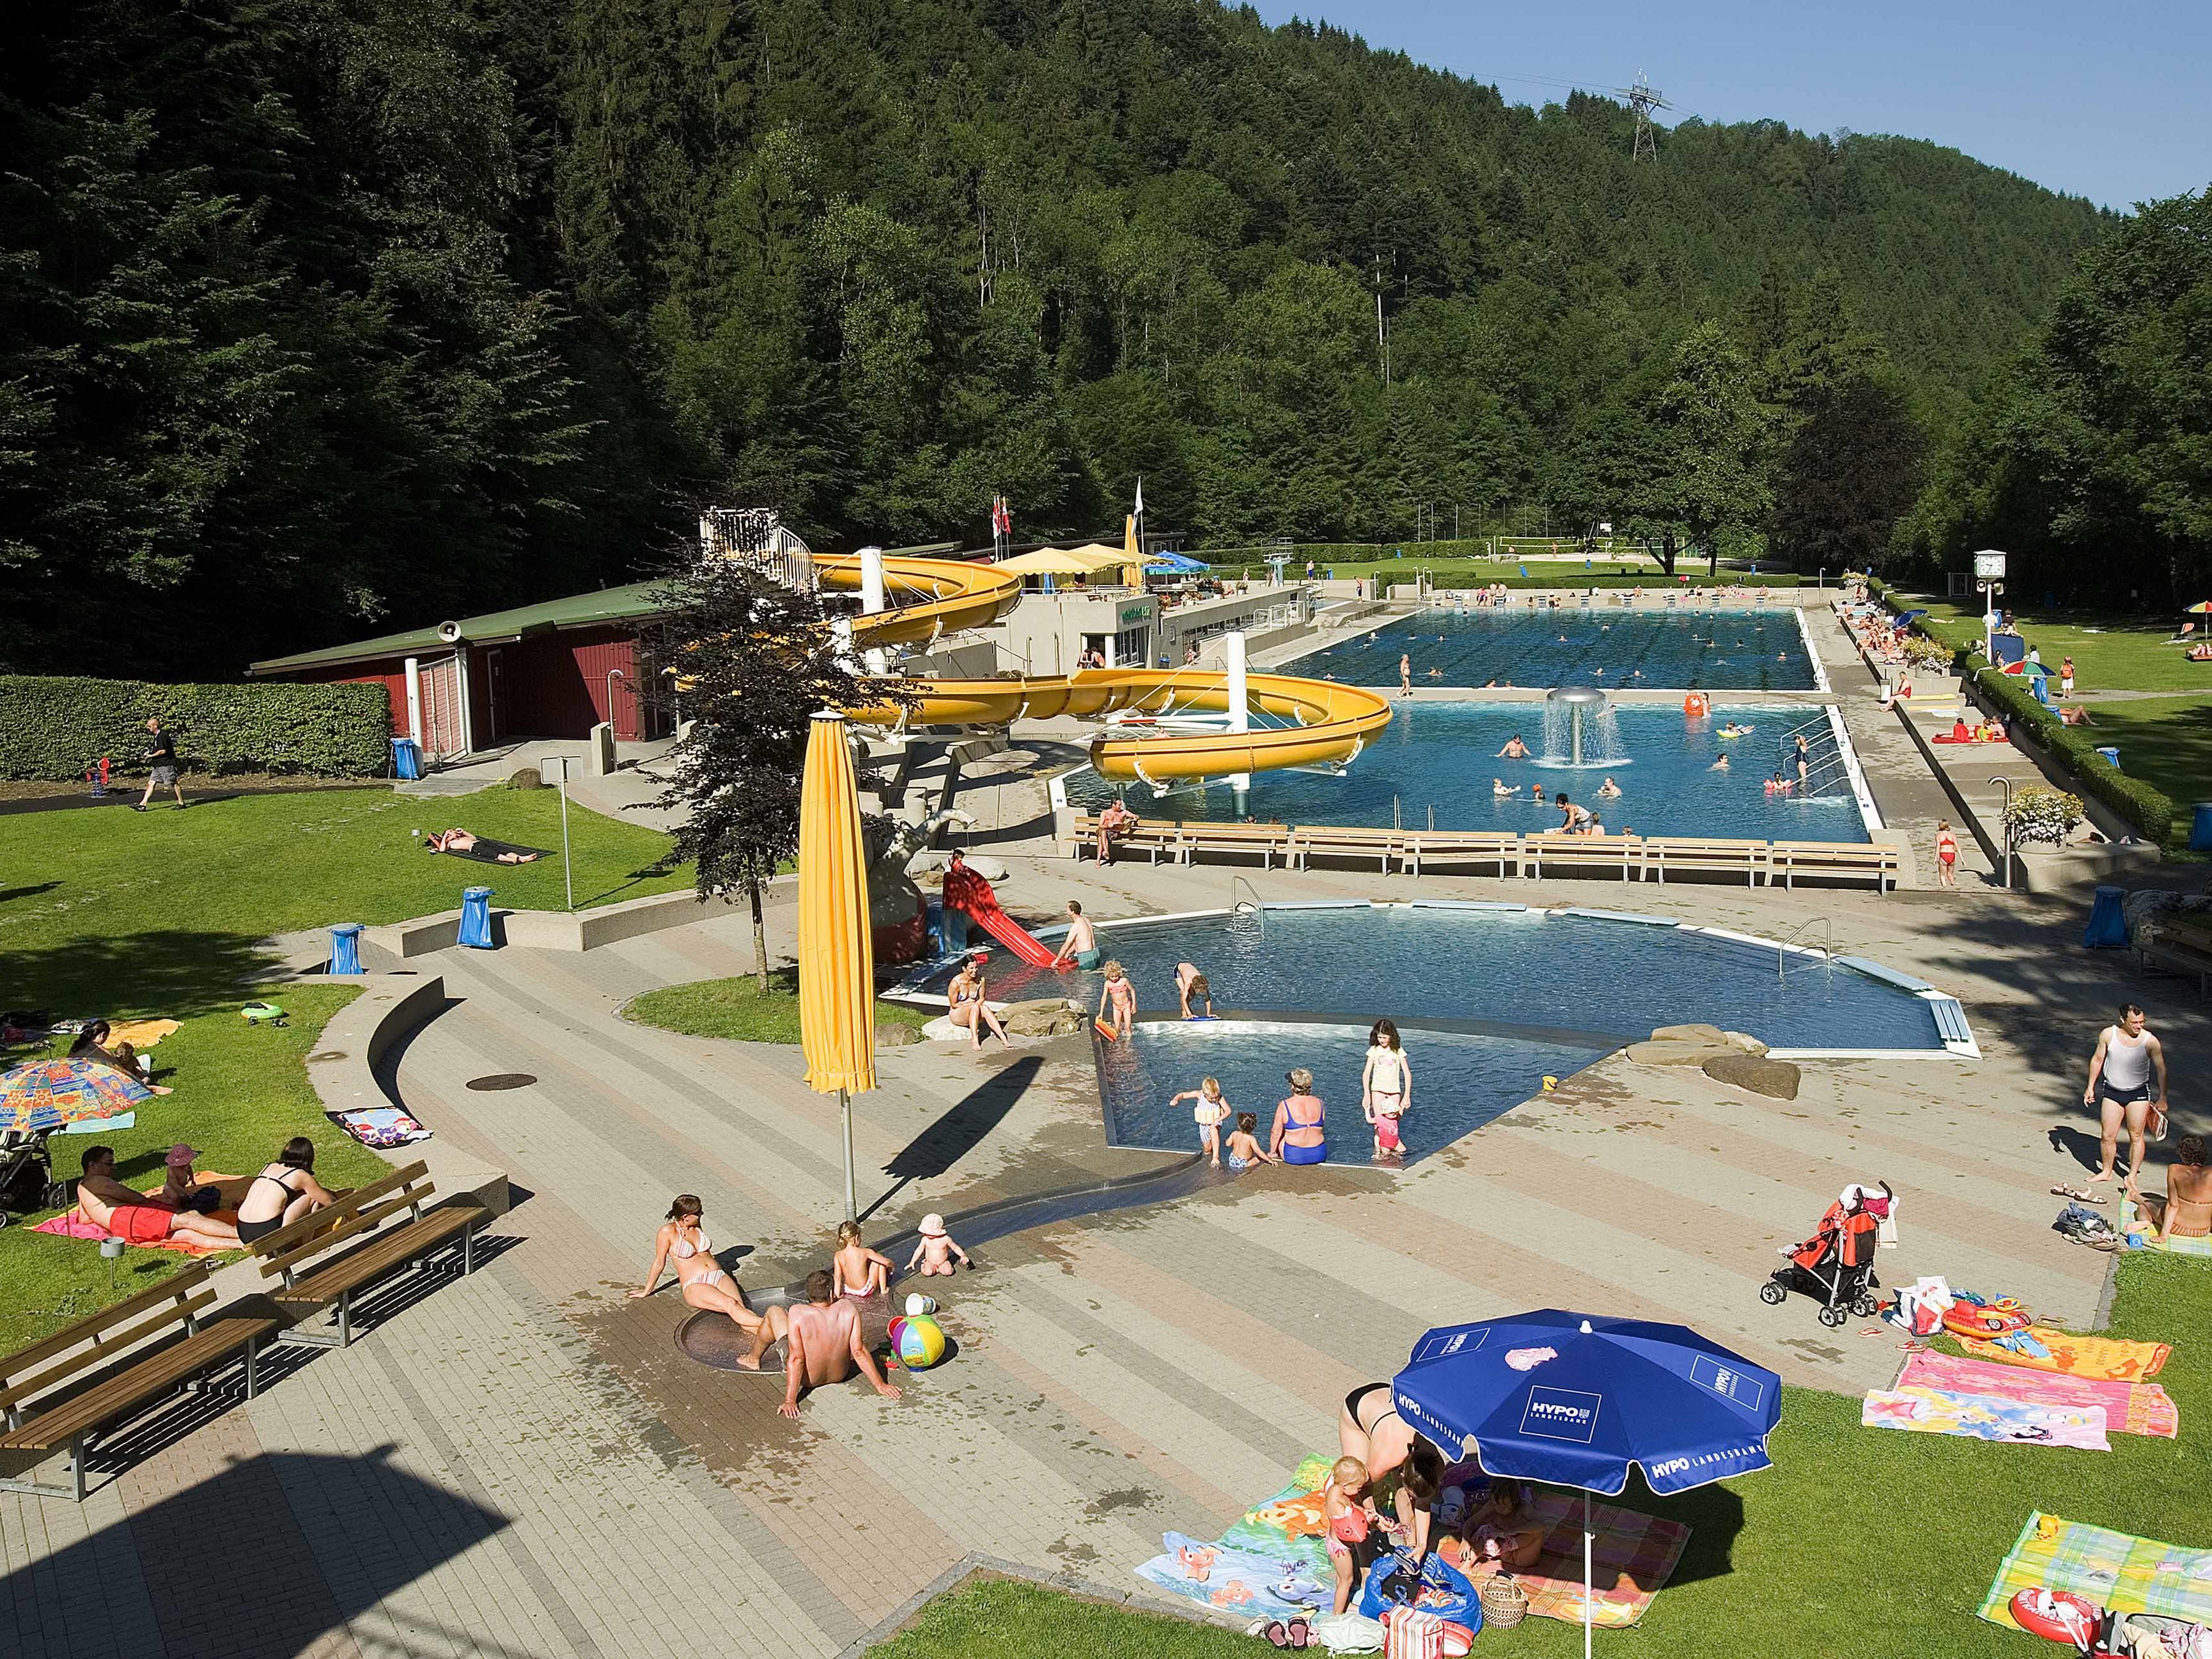 Am 11. September ist die Saison im Waldbad Enz beendet.